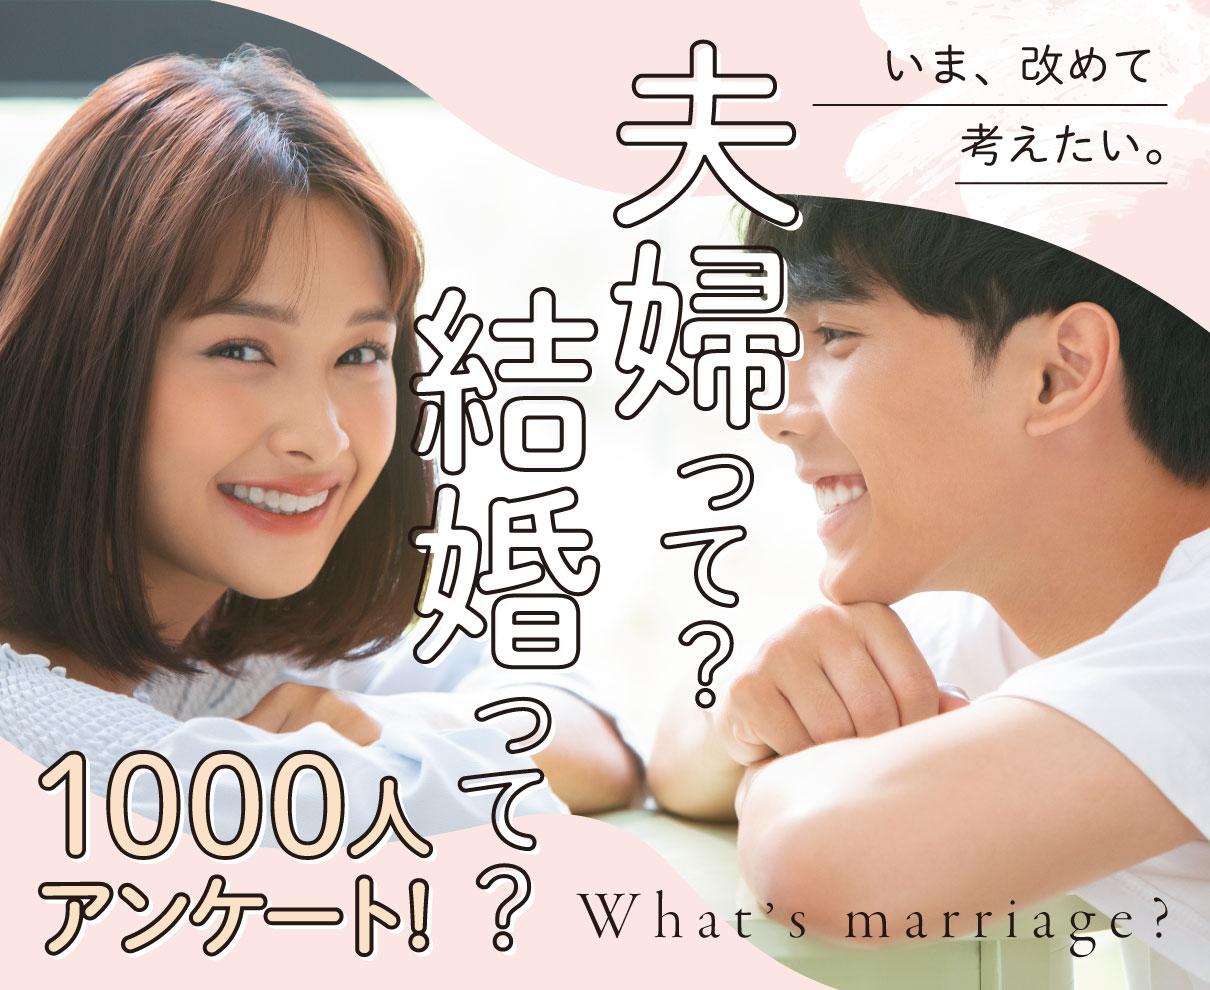 夫婦って? 結婚って? 1000人アンケートの結果を分析♡ URALA9月号ブライダル特集